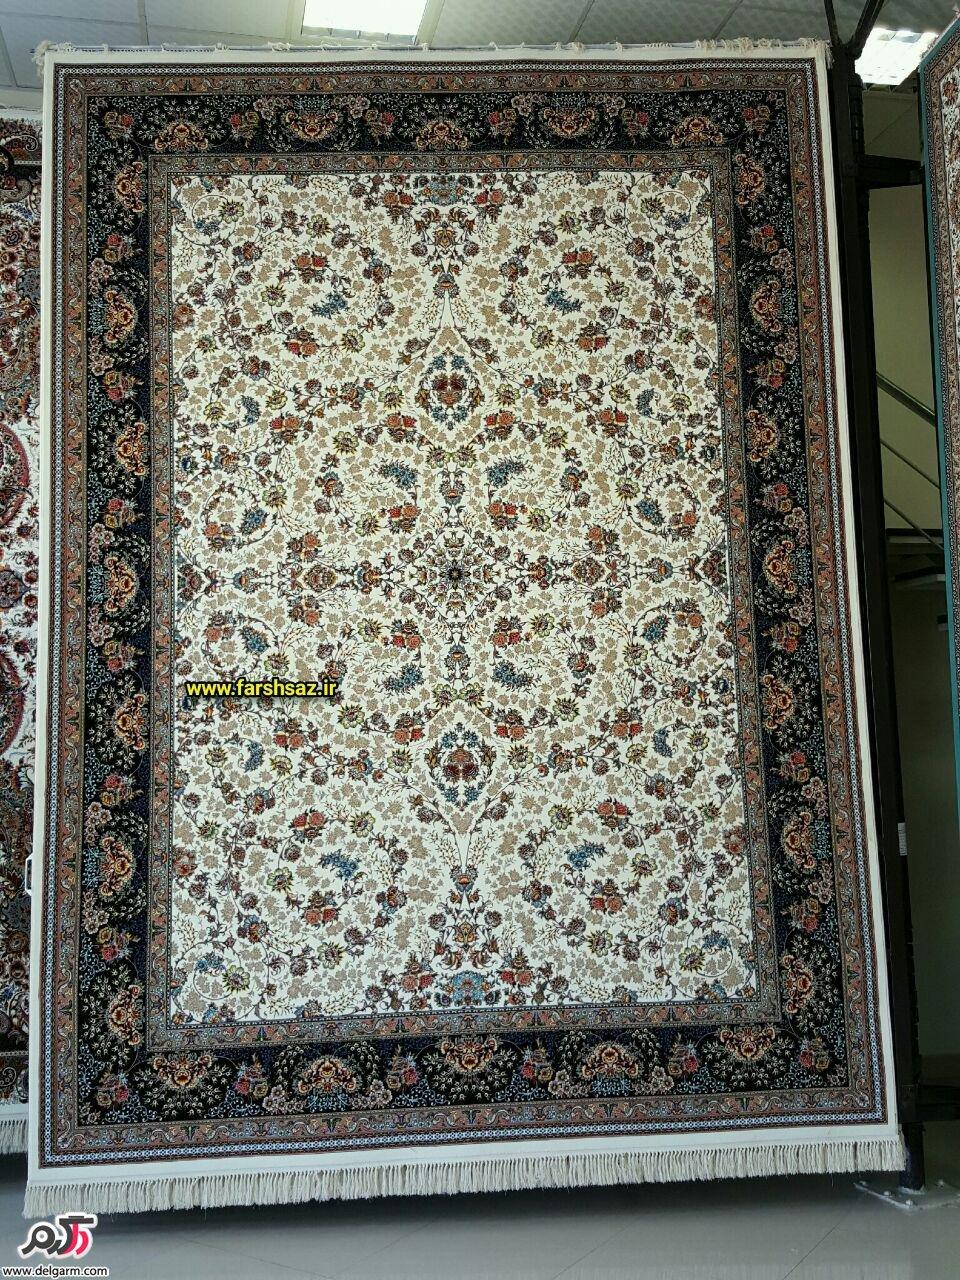 طبقه بندی متنوع فرش ها و محصولات گالری فرش دلگرم